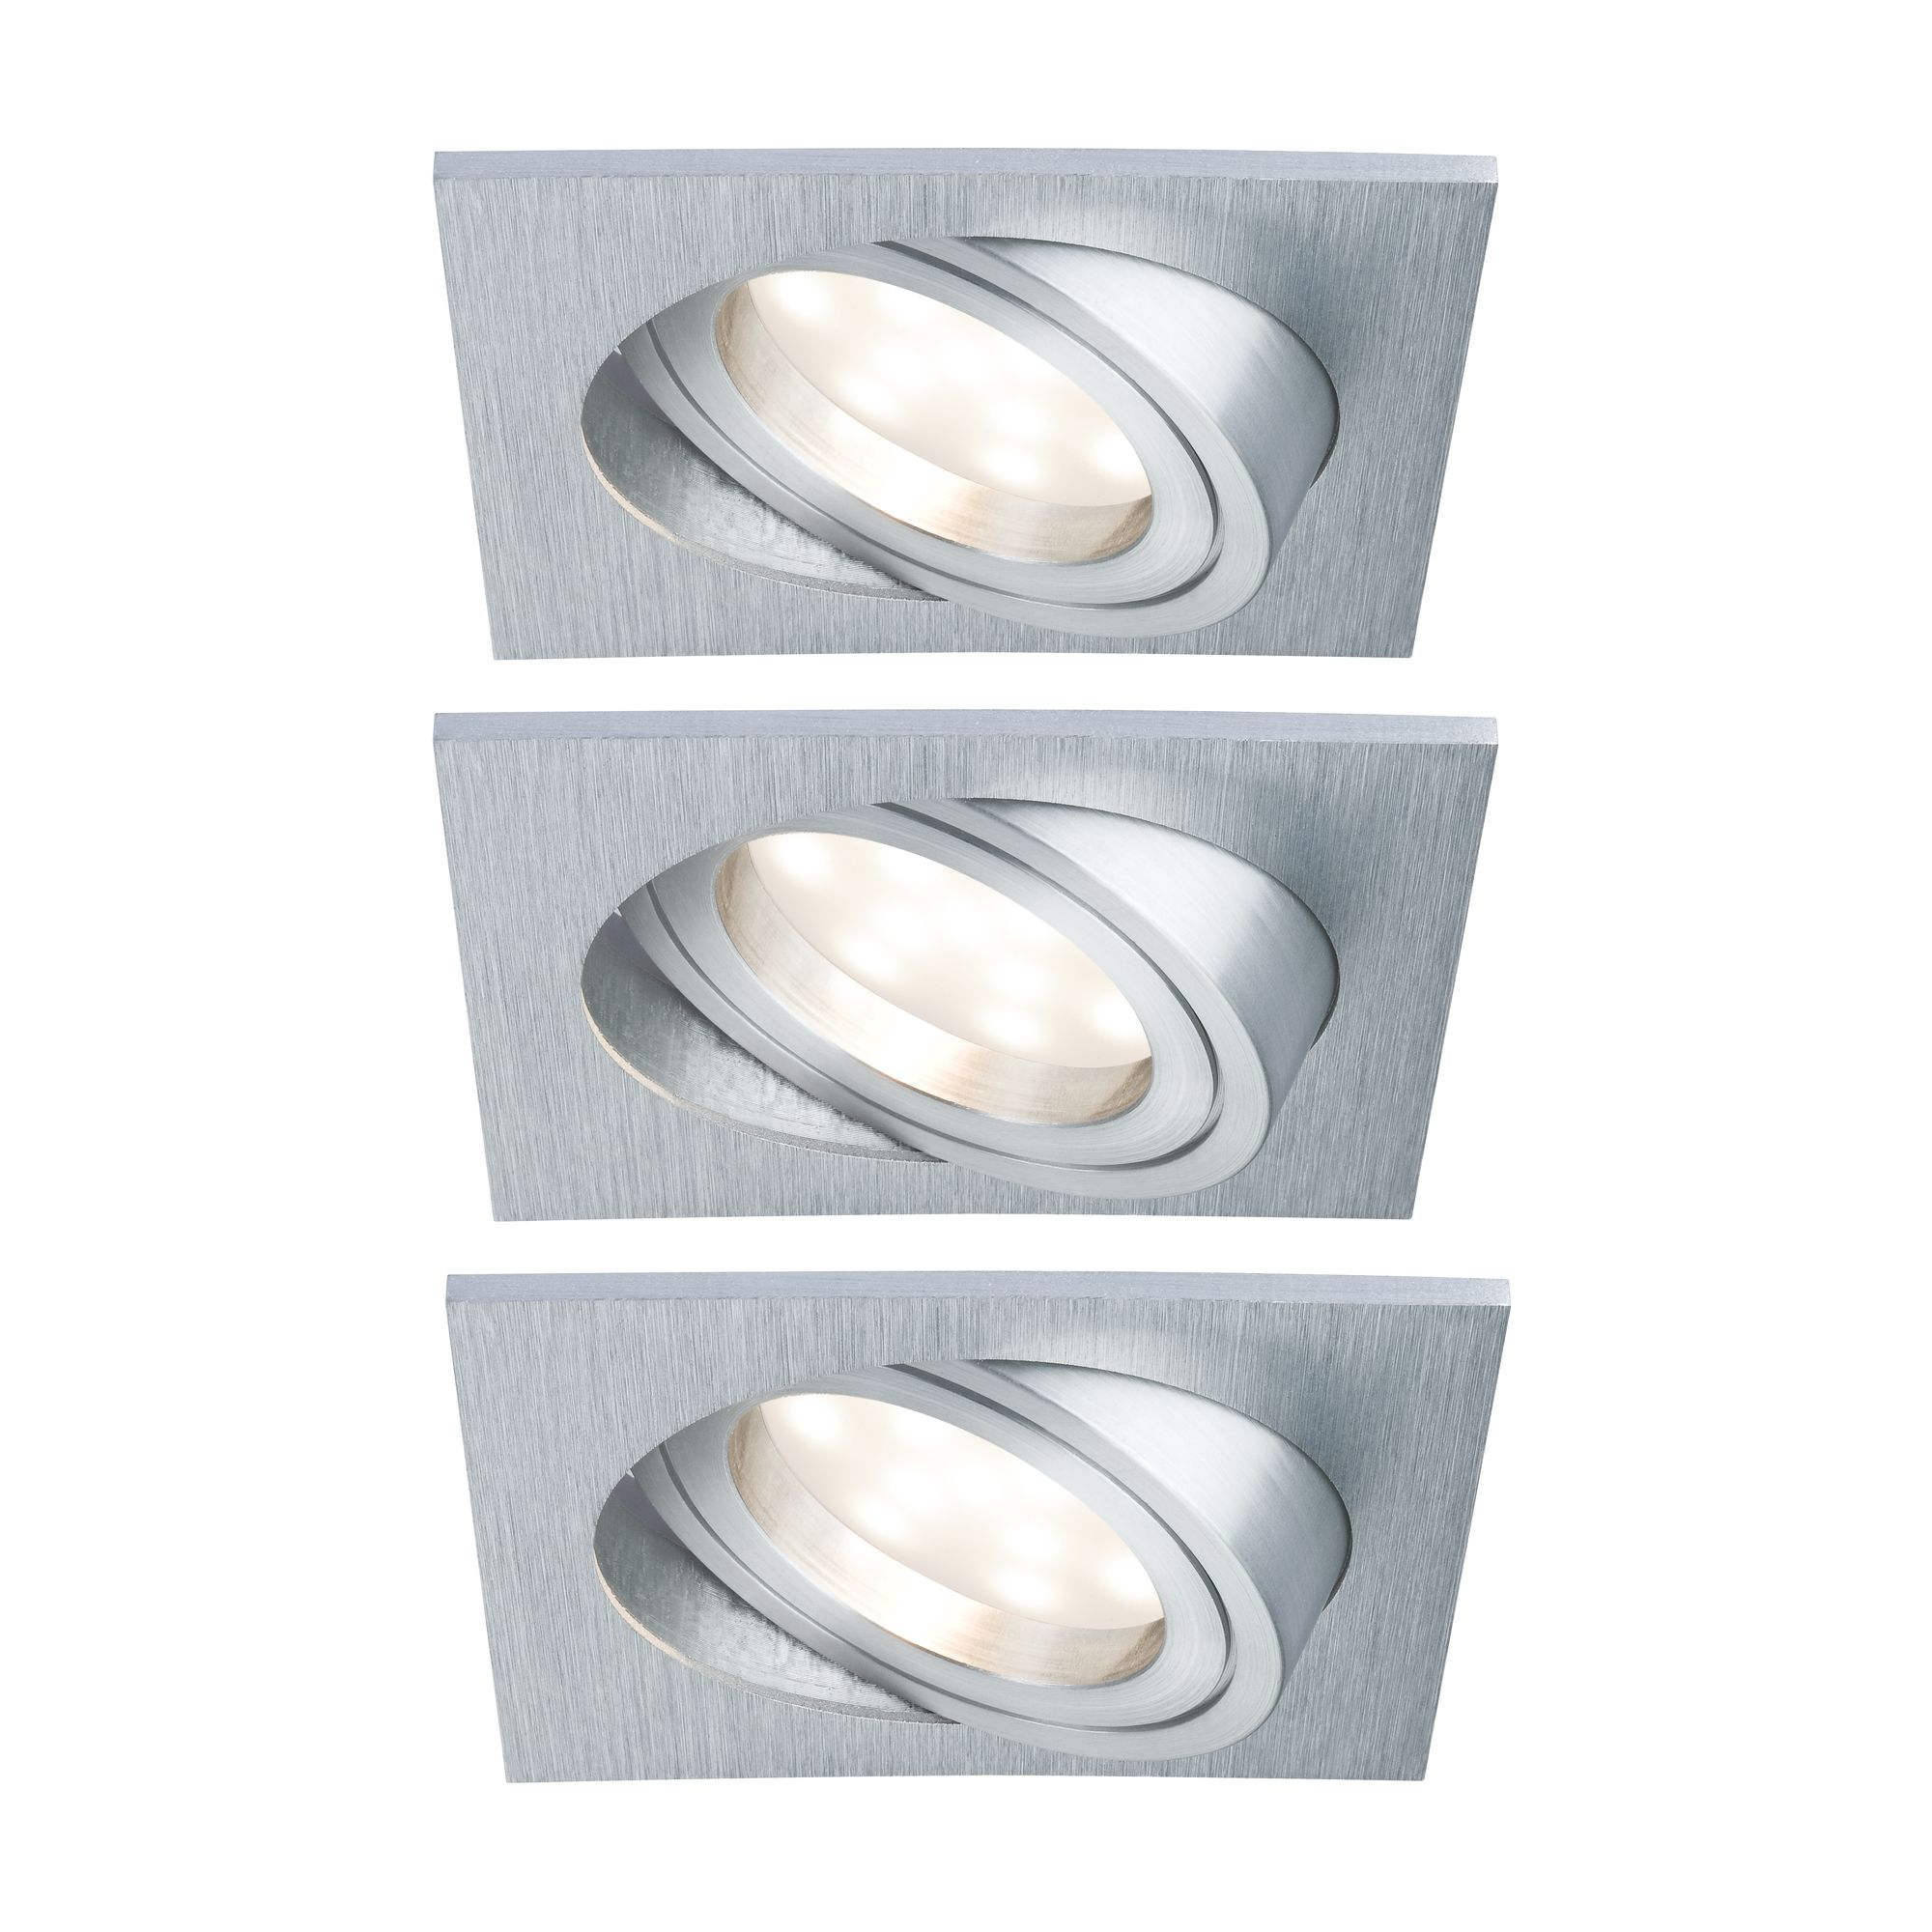 Paulmann LED Einbaustrahler 3er-Set Coin schwenkbar und dimmbar satiniert eckig 7W Alu, 3 St., Warmweiß